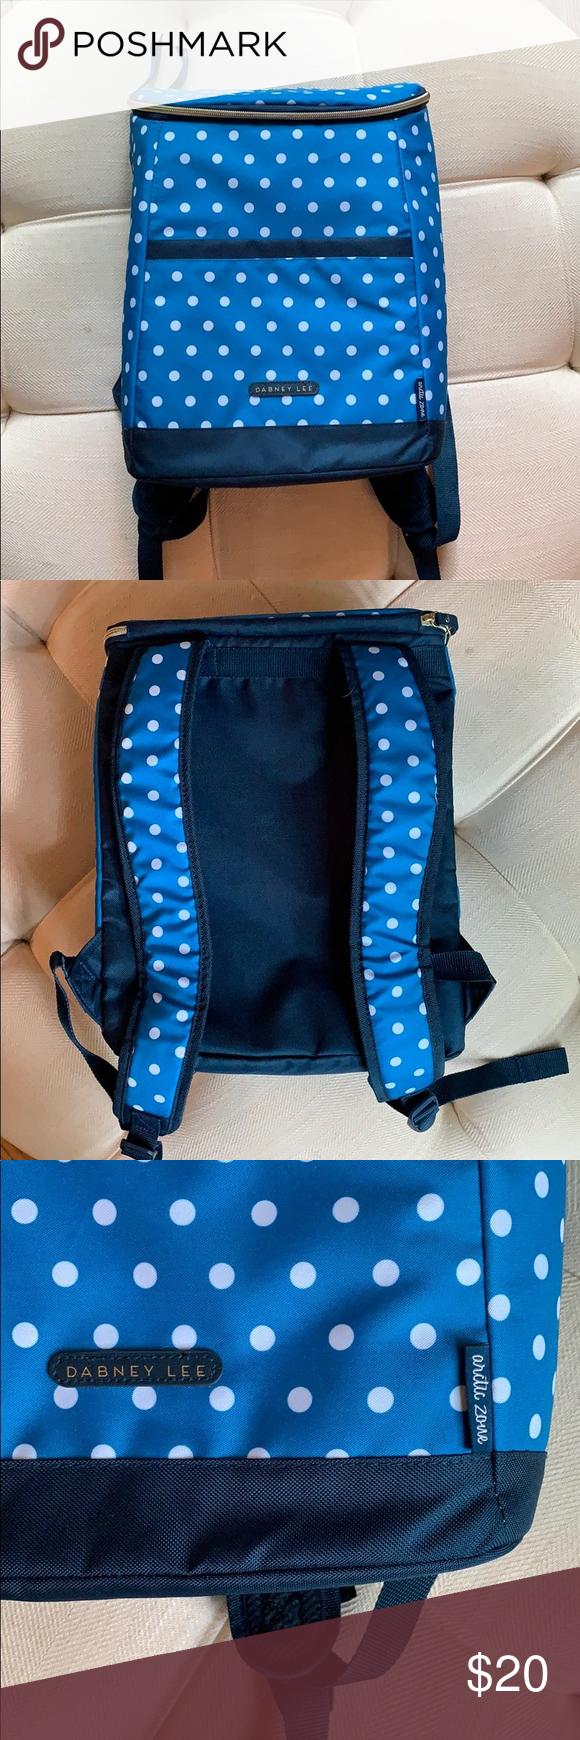 Dabney Lee Cooler Backpack Blue Backpack Women Leather Backpack Pink Backpack